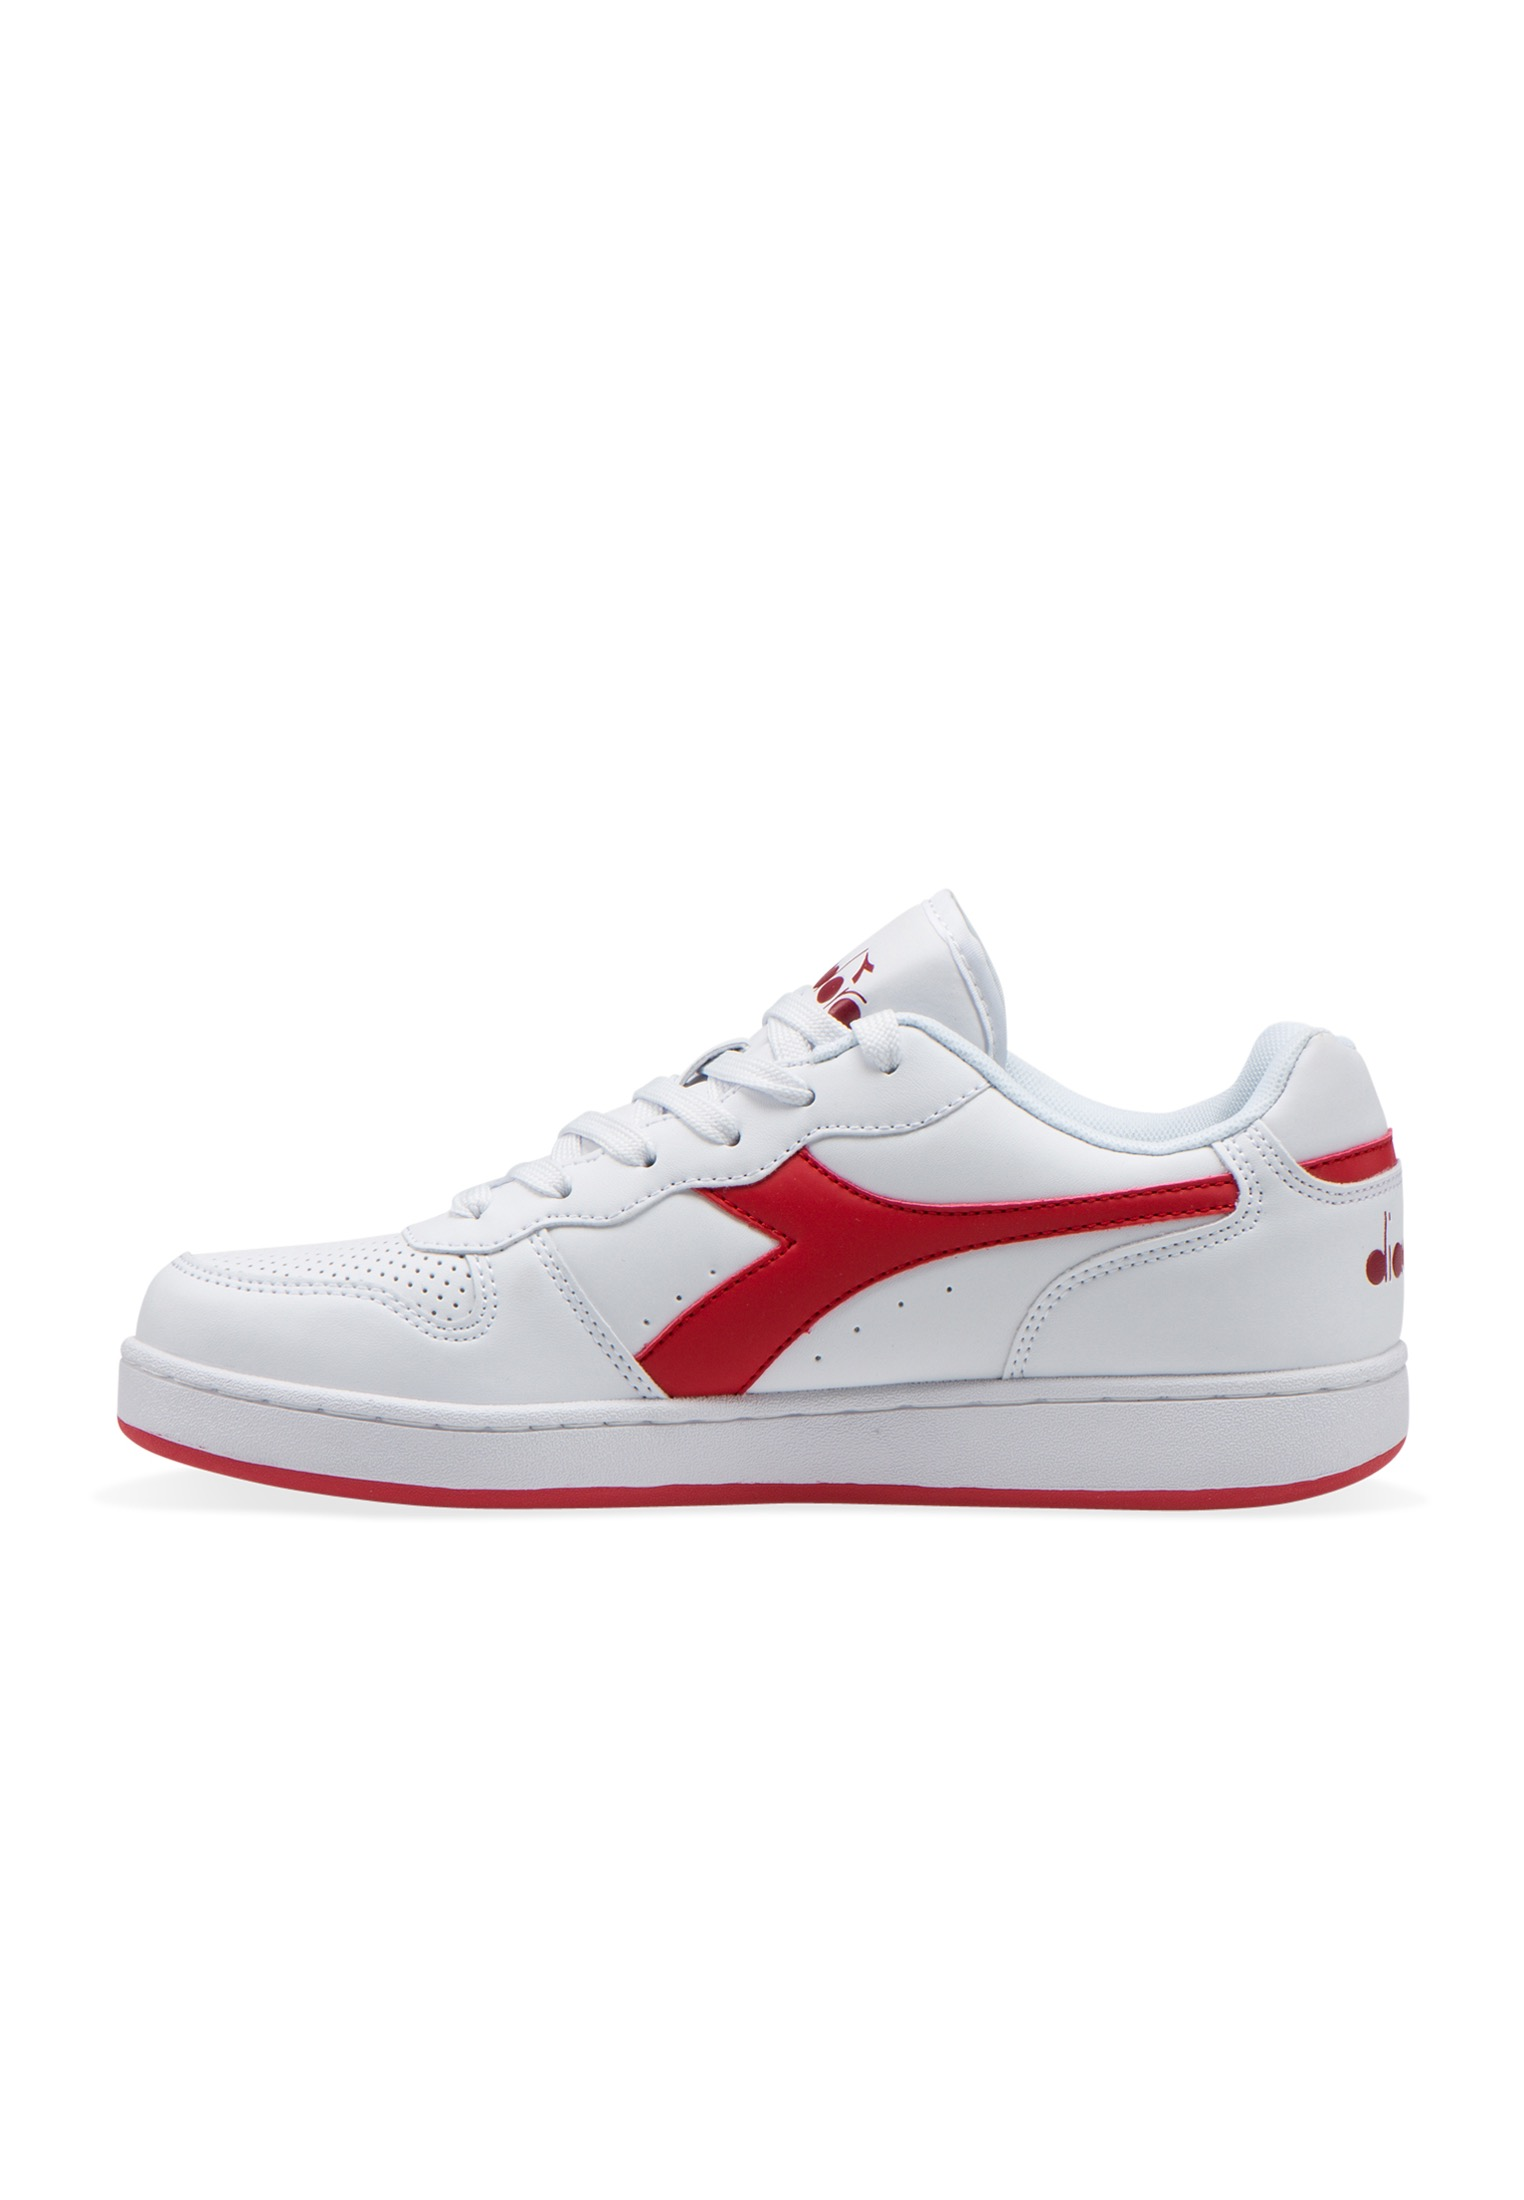 Scarpe-Diadora-Playground-Sneakers-sportive-uomo-donna-vari-colori-piu-taglie miniatura 15